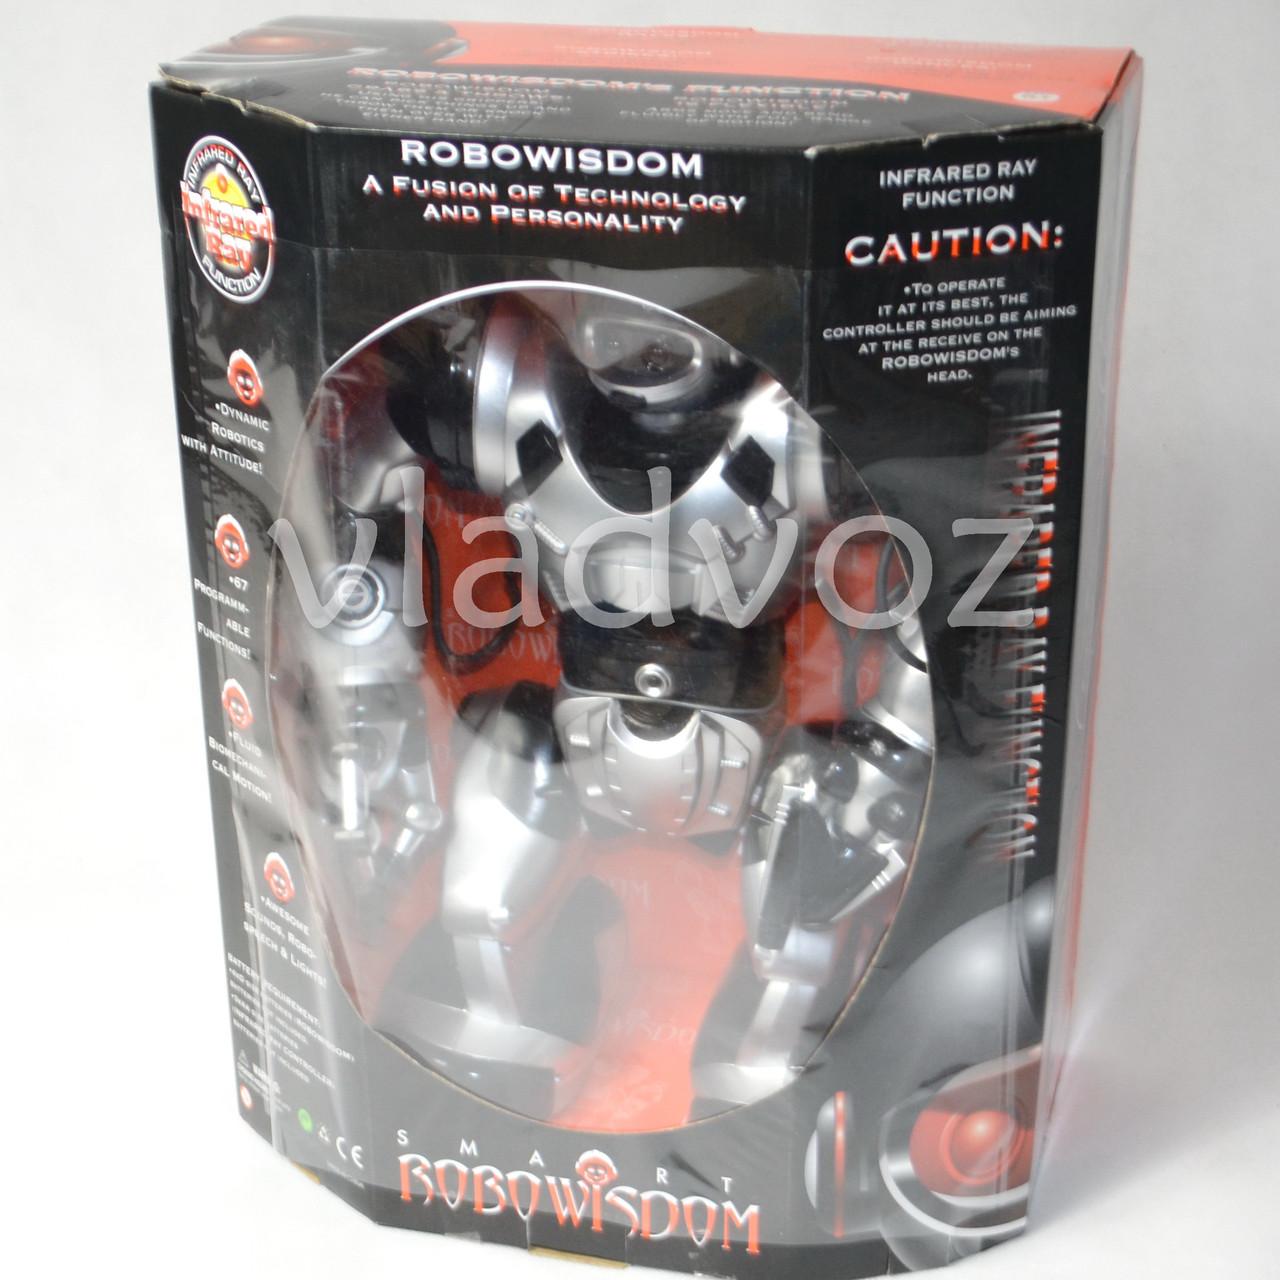 фото упаковки робота на пульте управления радиоуправляемая игрушка Robowisdom серебристый с коробкой